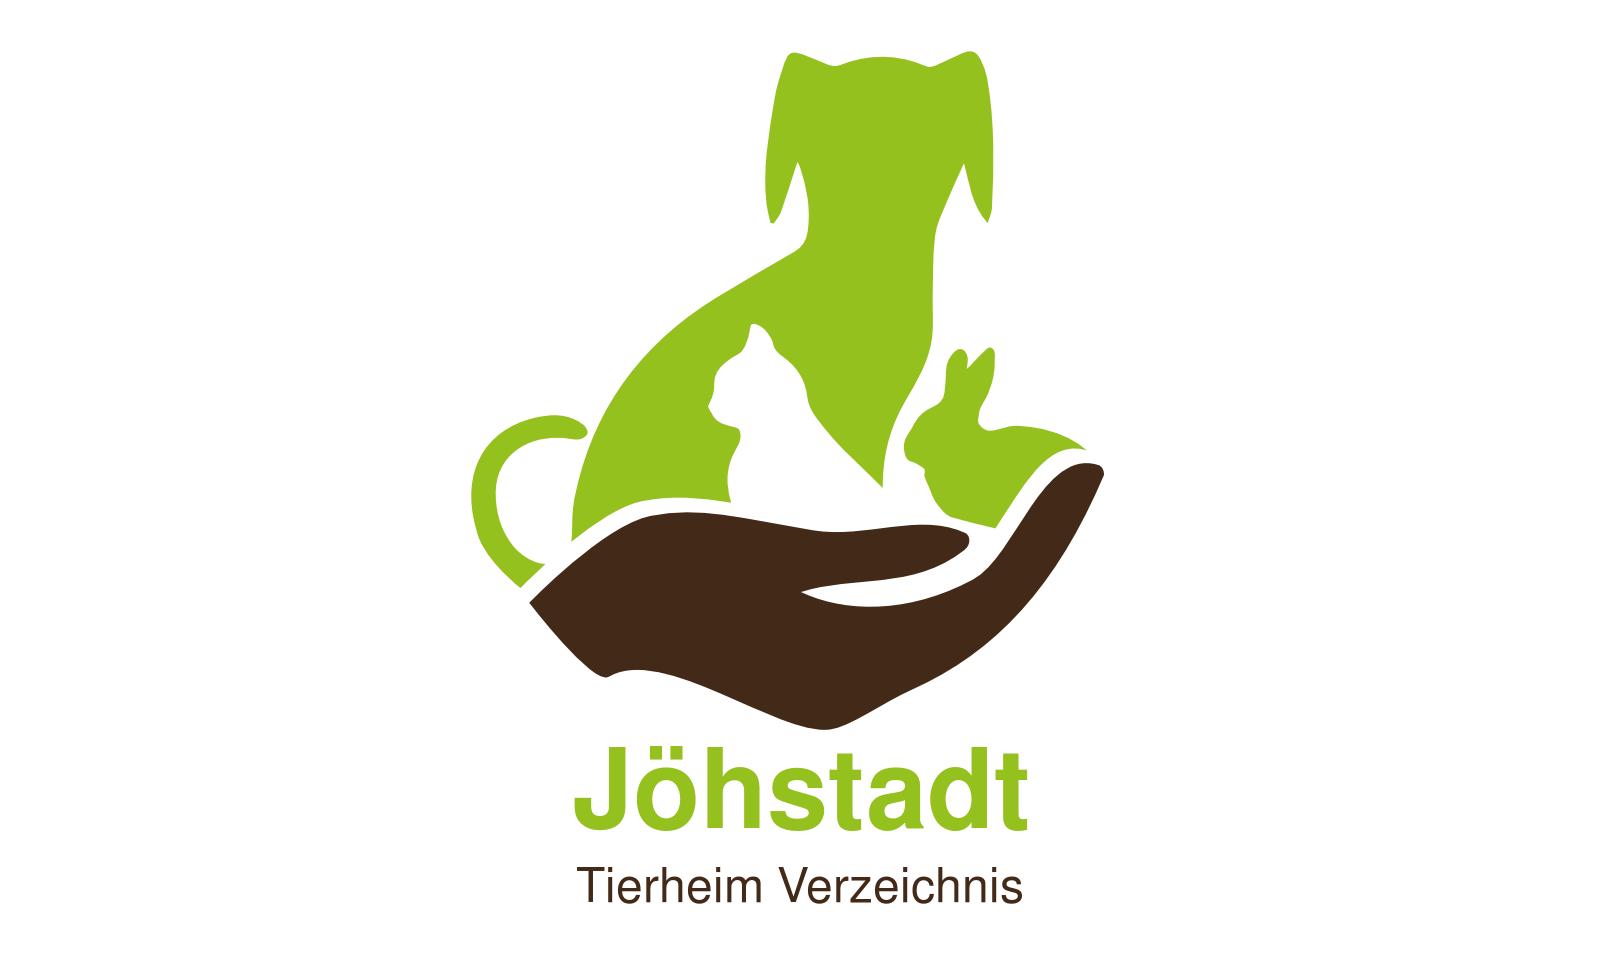 Tierheim Jöhstadt